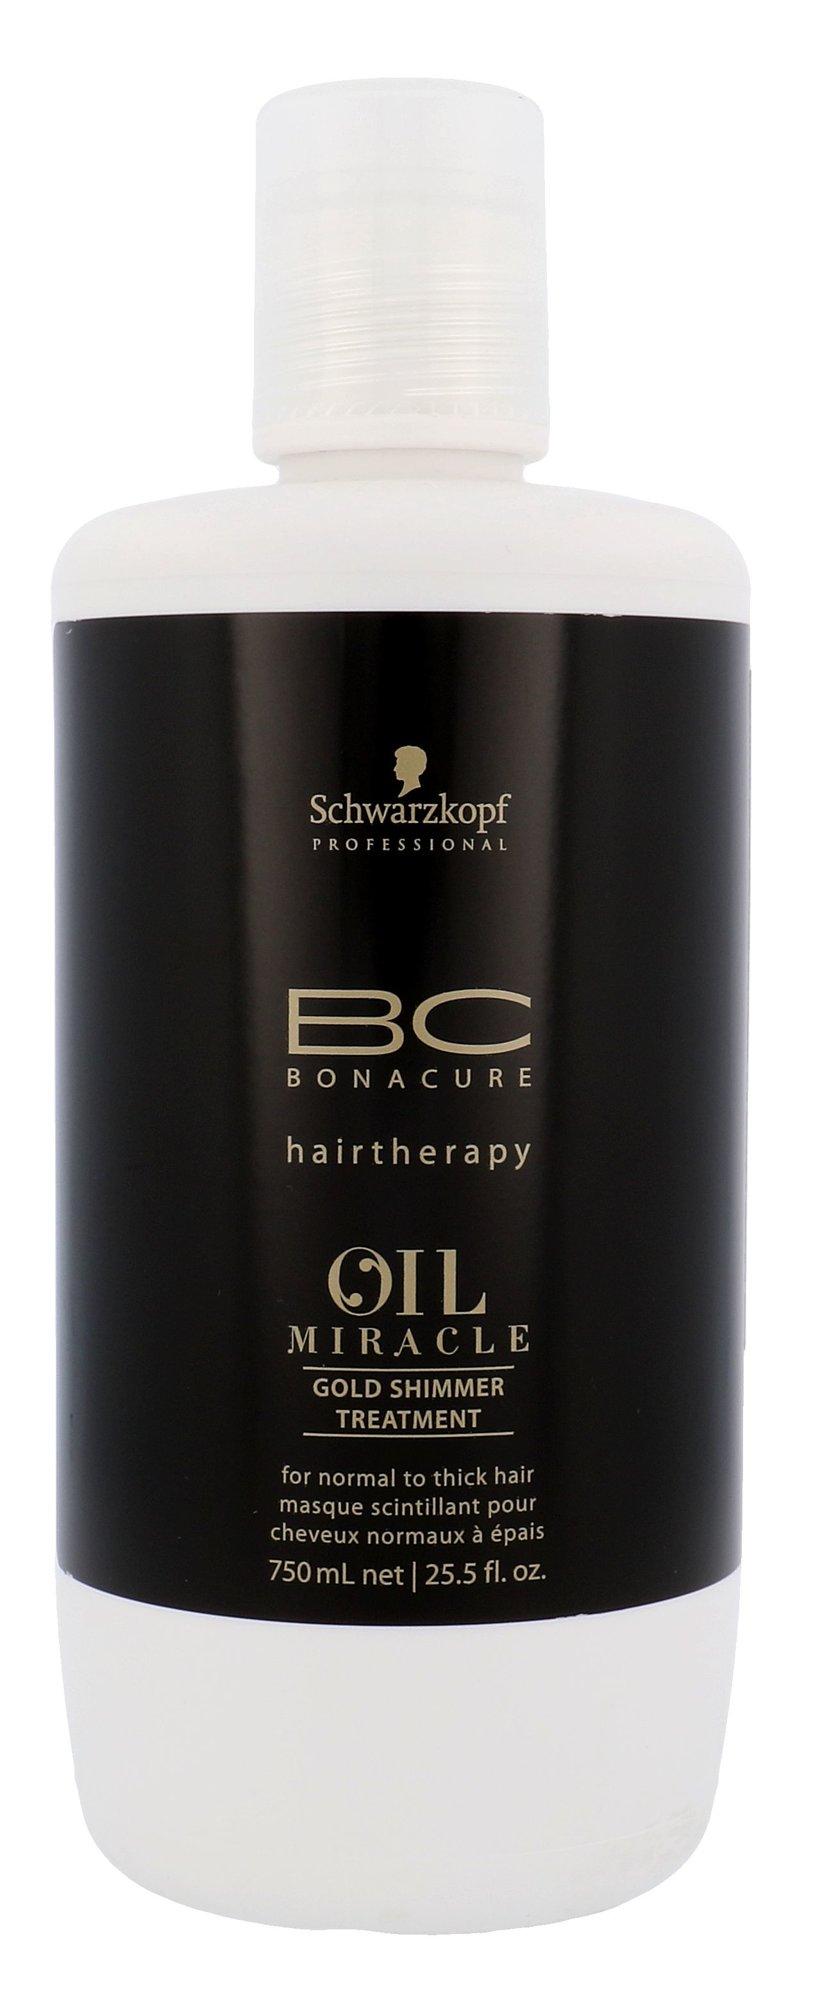 Schwarzkopf BC Bonacure Oil Miracle Hair Mask 750ml